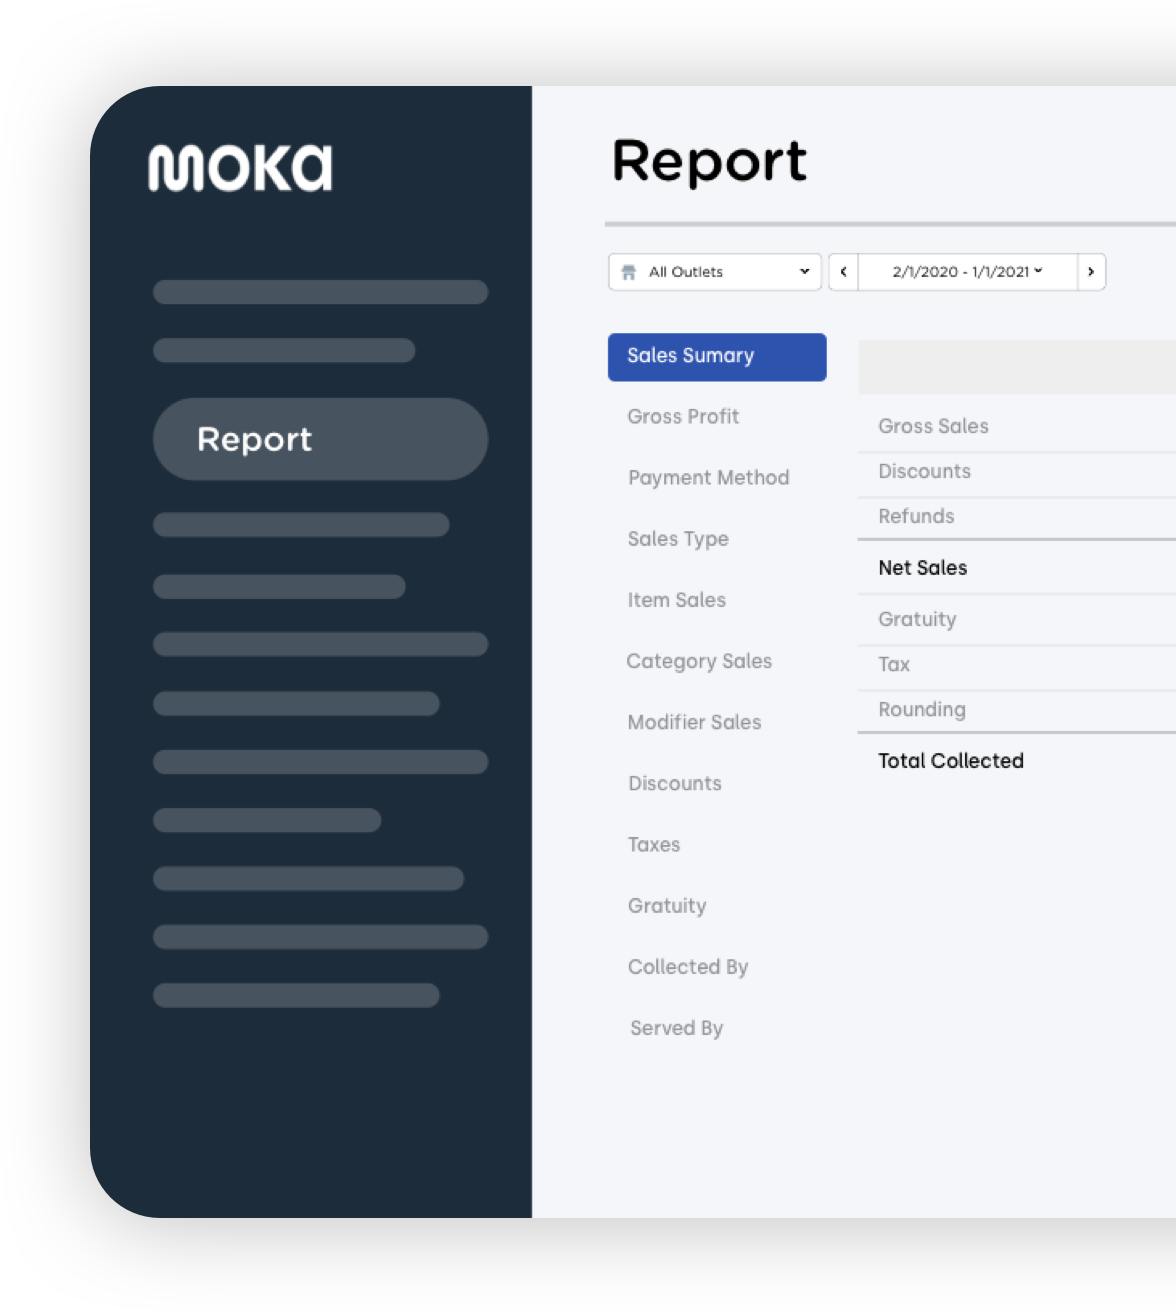 Aplikasi point of sale Moka sebagai solusi administratif untuk laporan penjualan harian, stok barang, dan perhitungan pajak